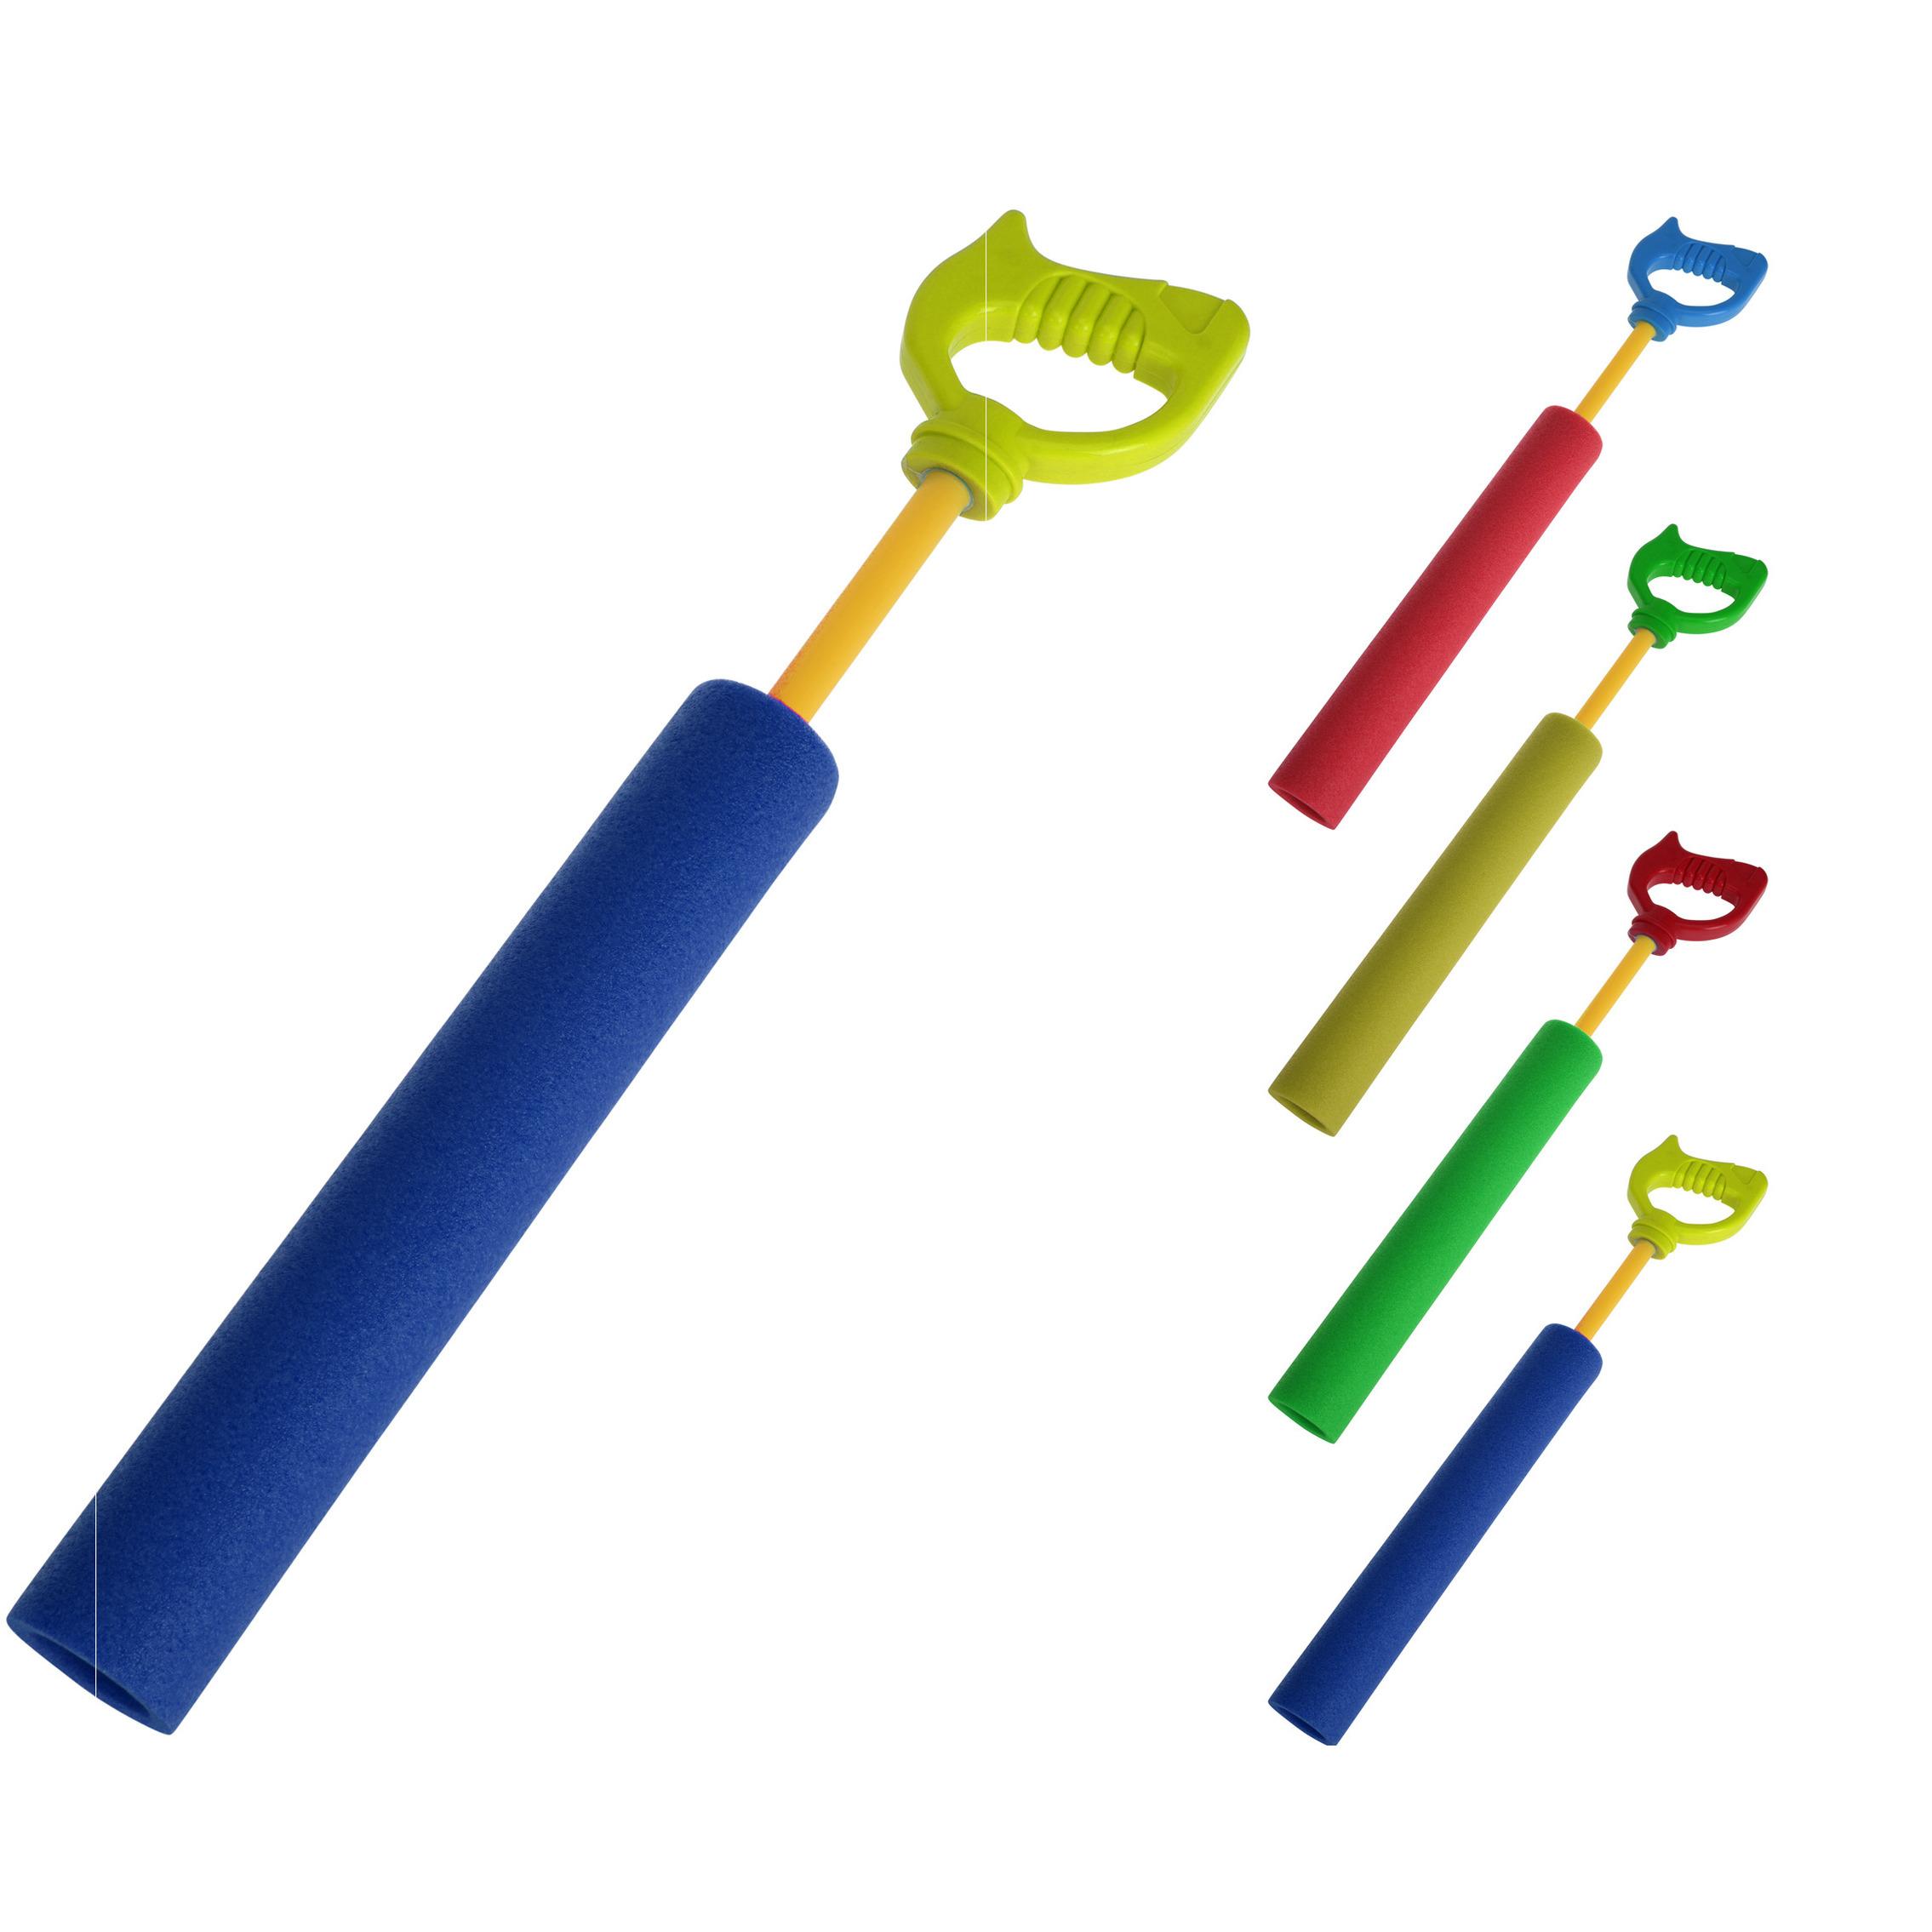 1x Waterpistool van foam met handvat 40 cm